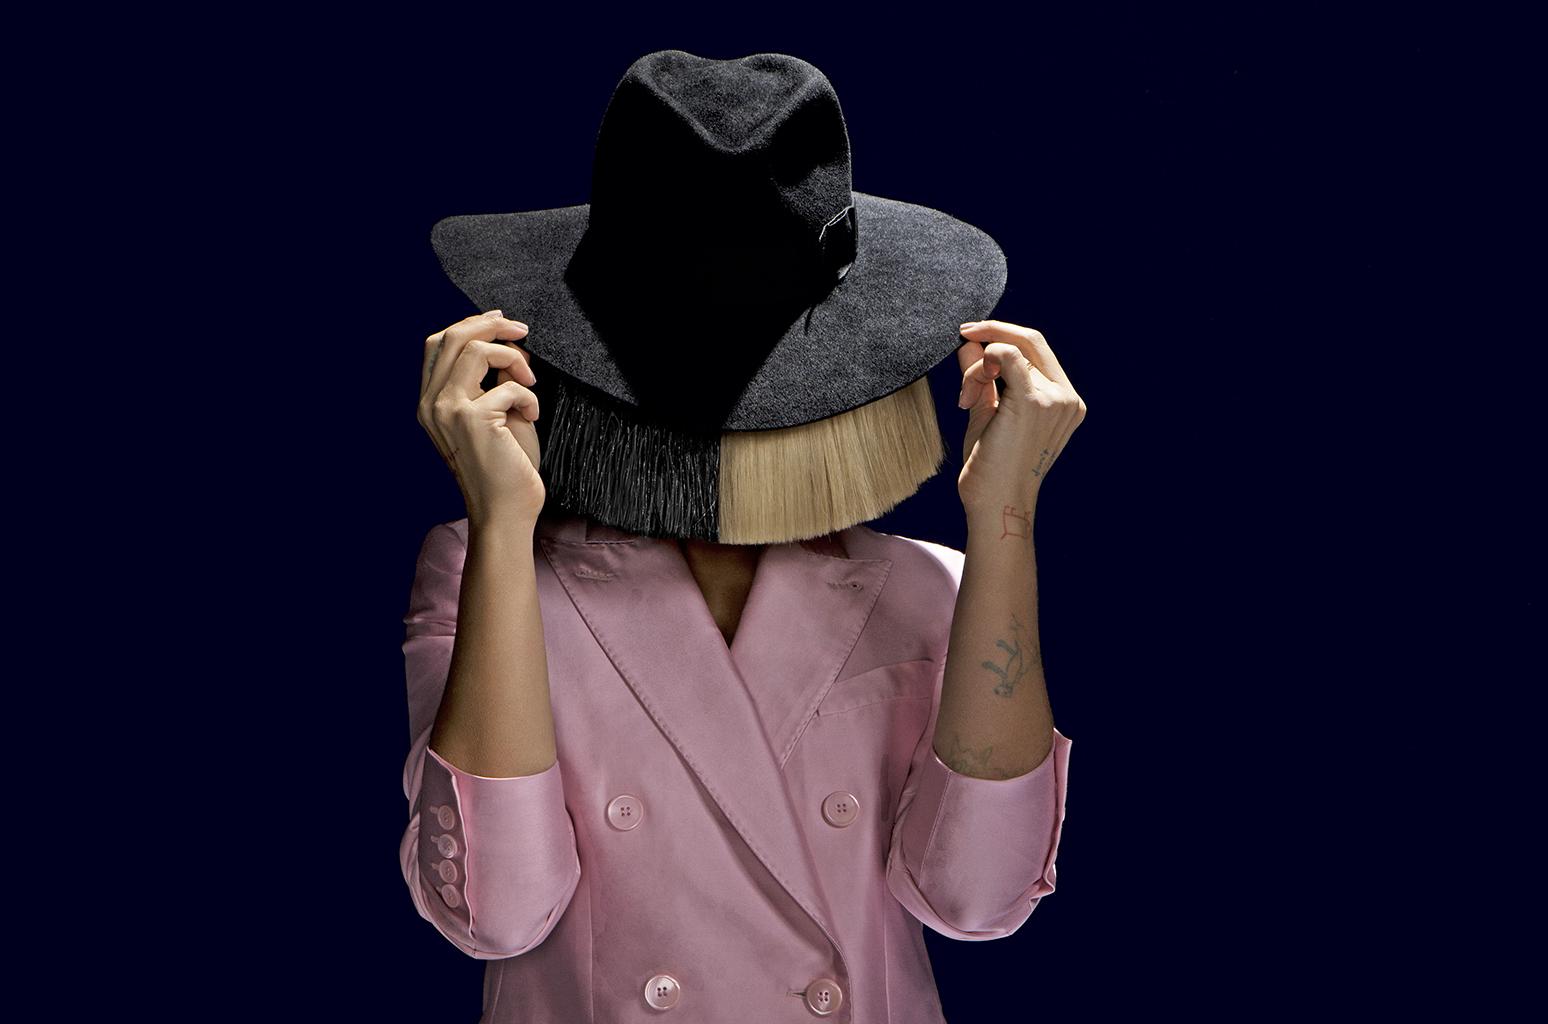 Siaの人気曲ランキングTOP20・おすすめ曲8選まとめ